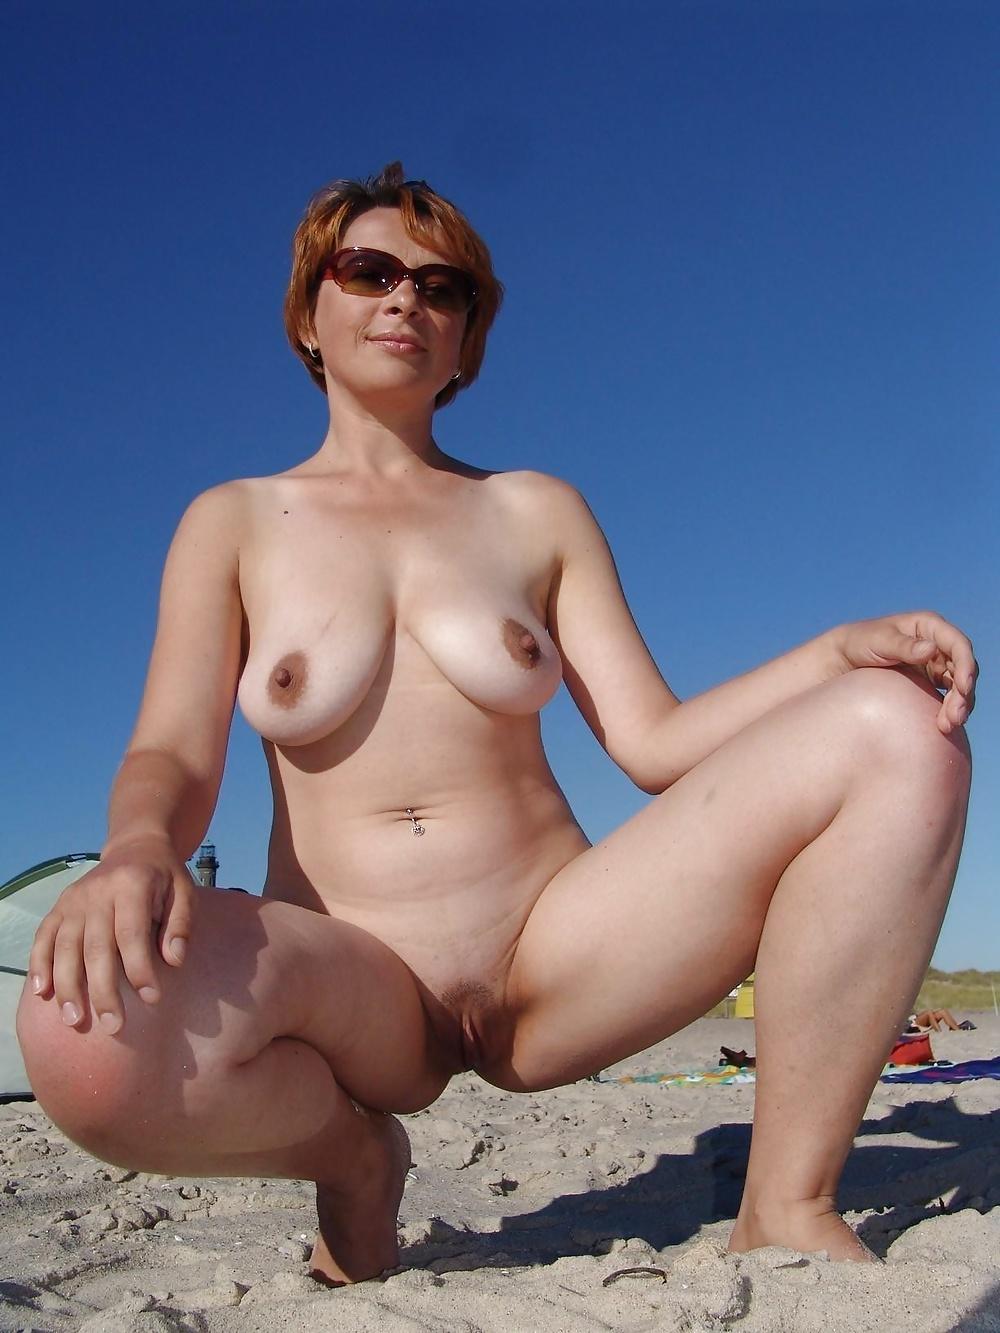 Knubbiga naturliga brud i nakna bilder gratis